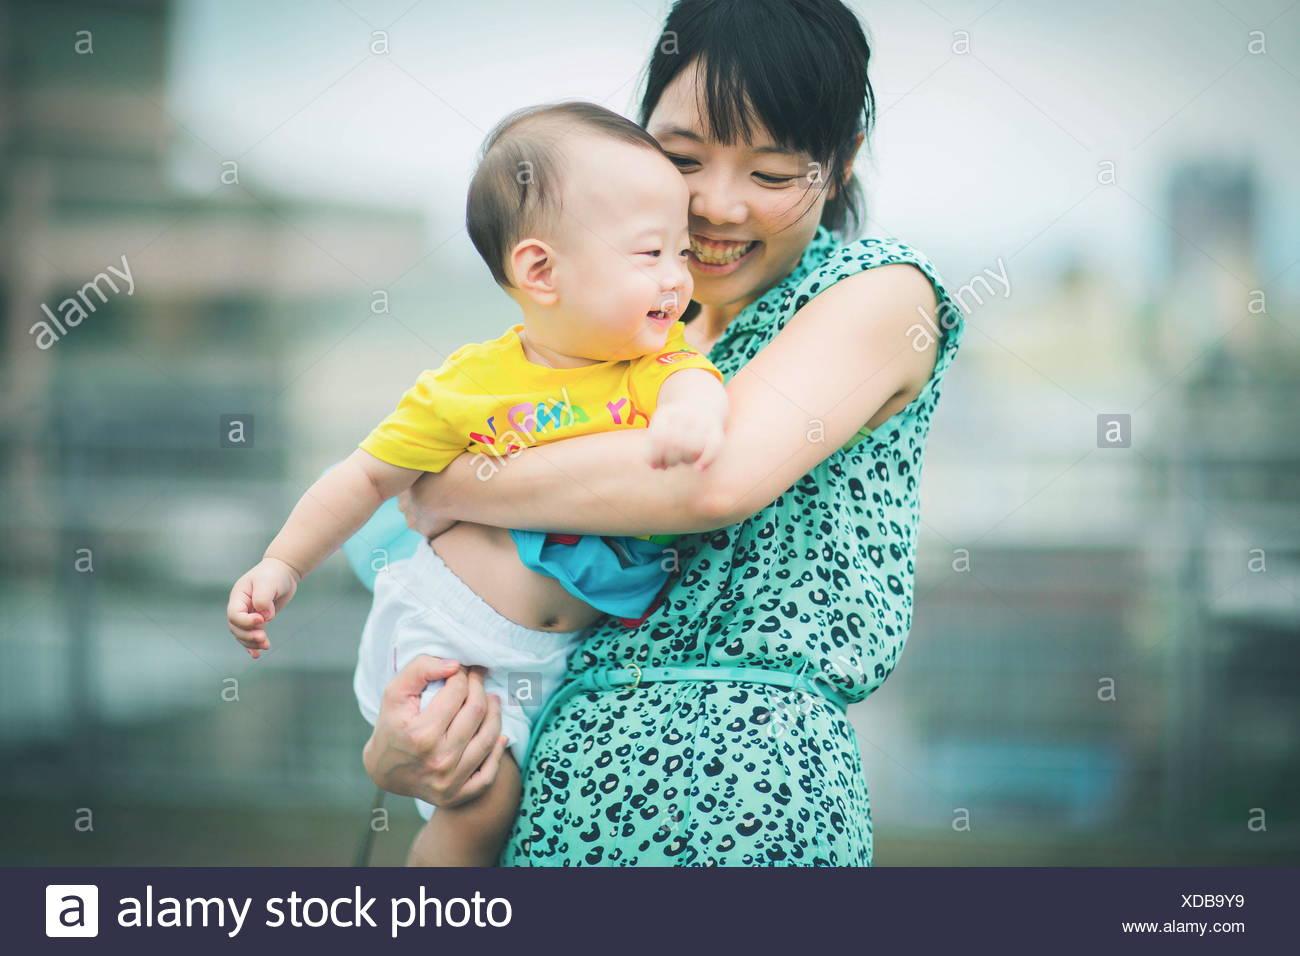 Madre sosteniendo hijo bailando Imagen De Stock